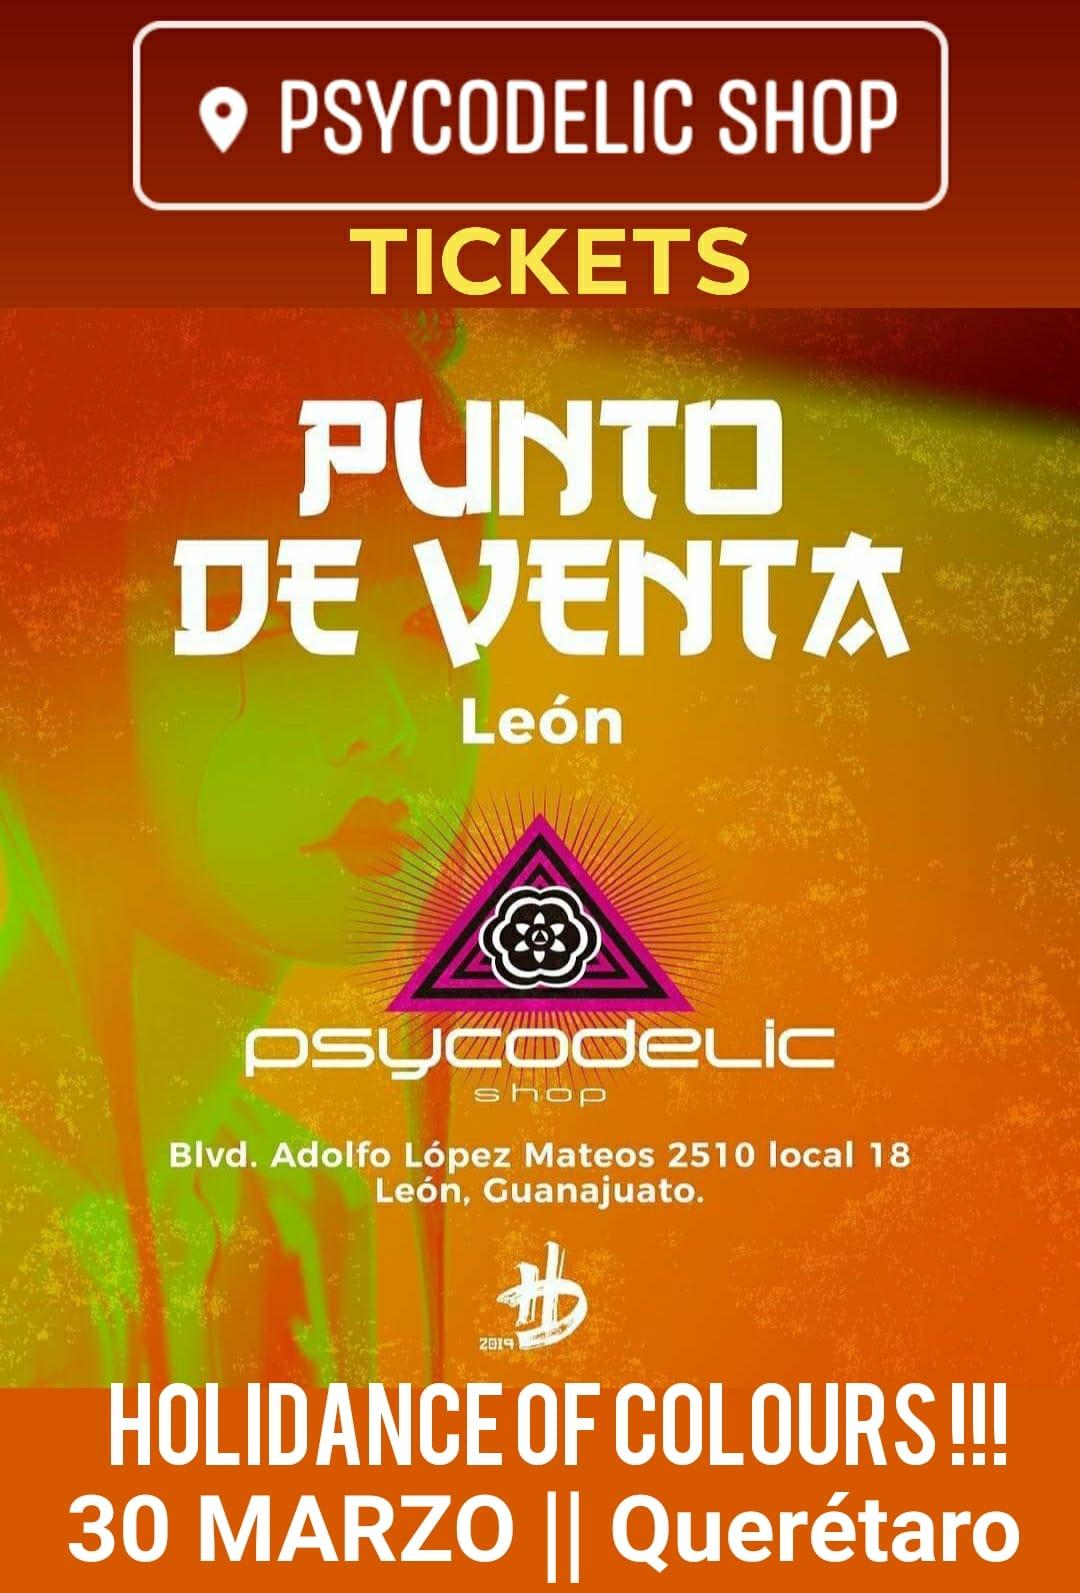 Holi Dance Of Colours Queretaro 2019 Venta de Boletos Psycodelic Shop León Gto